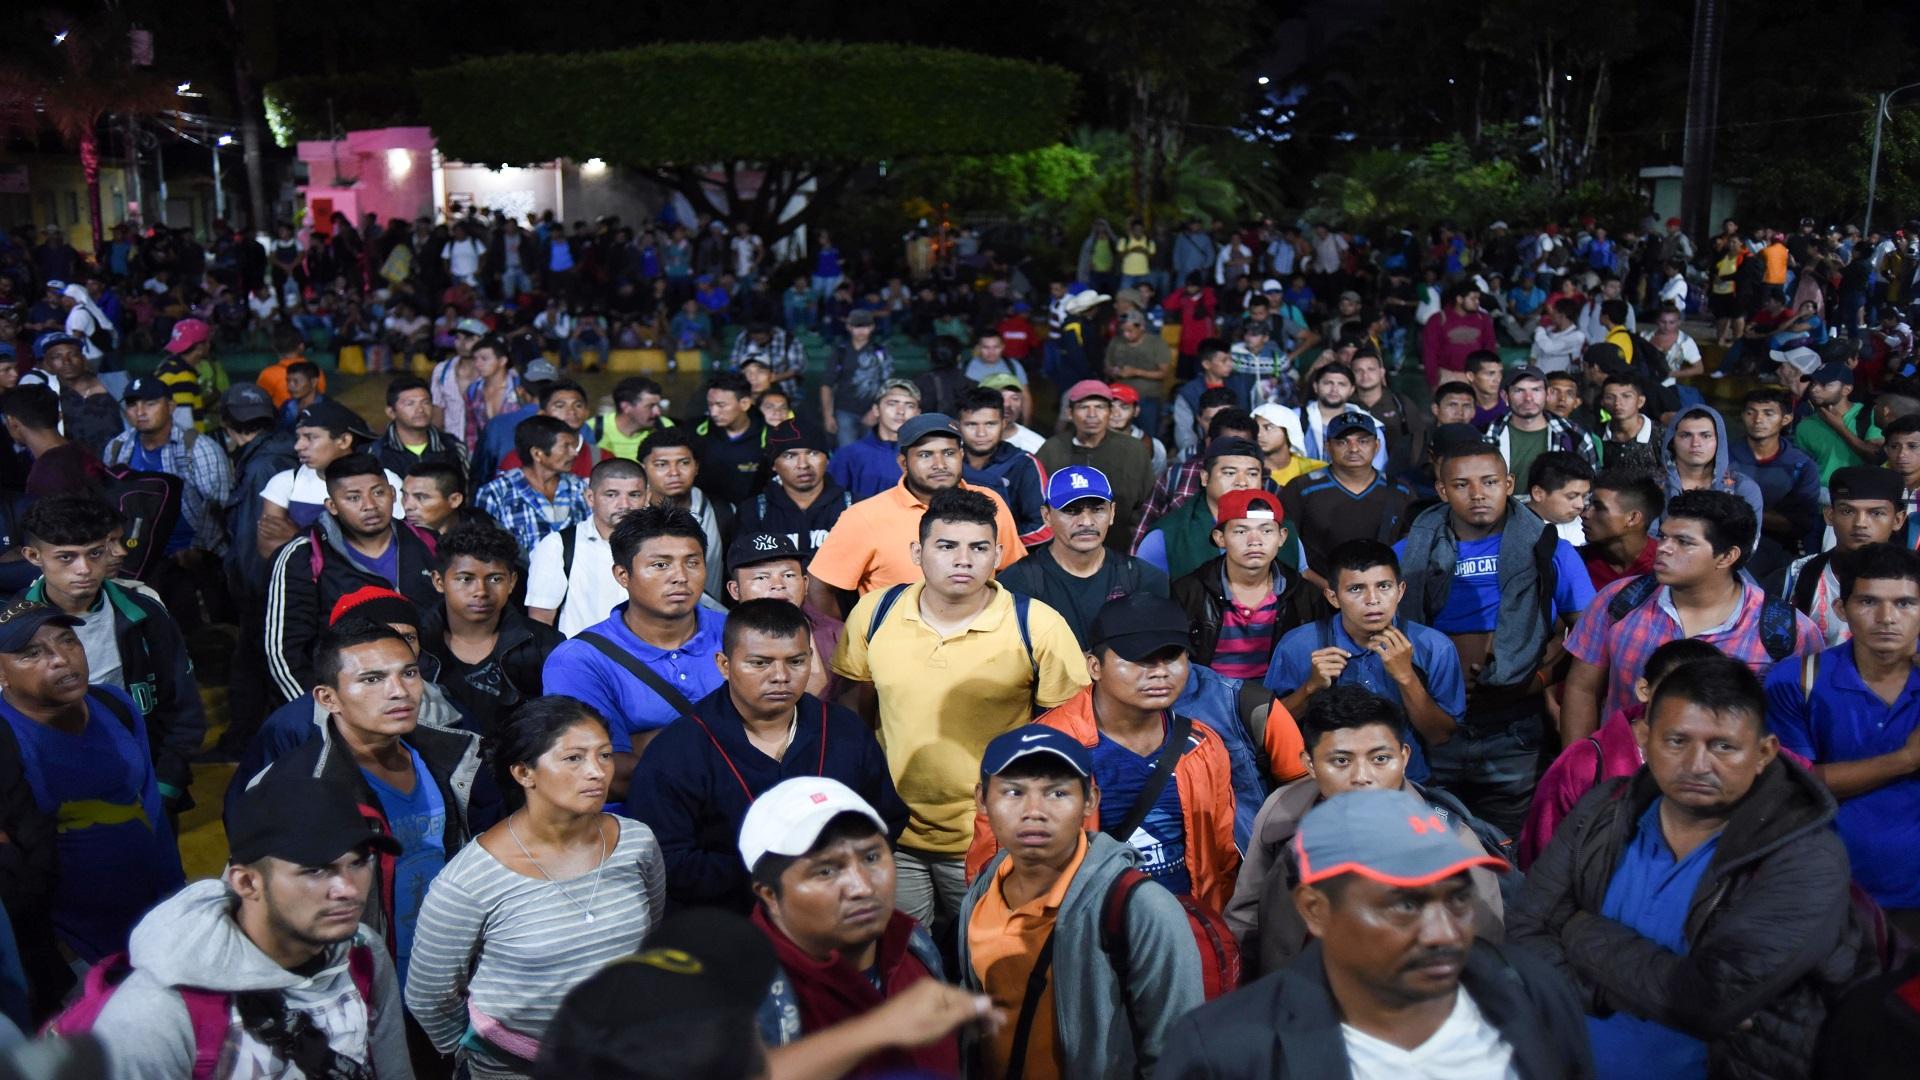 Especialistas ven pocas posibilidades de caravana masiva de migrantes hondureños